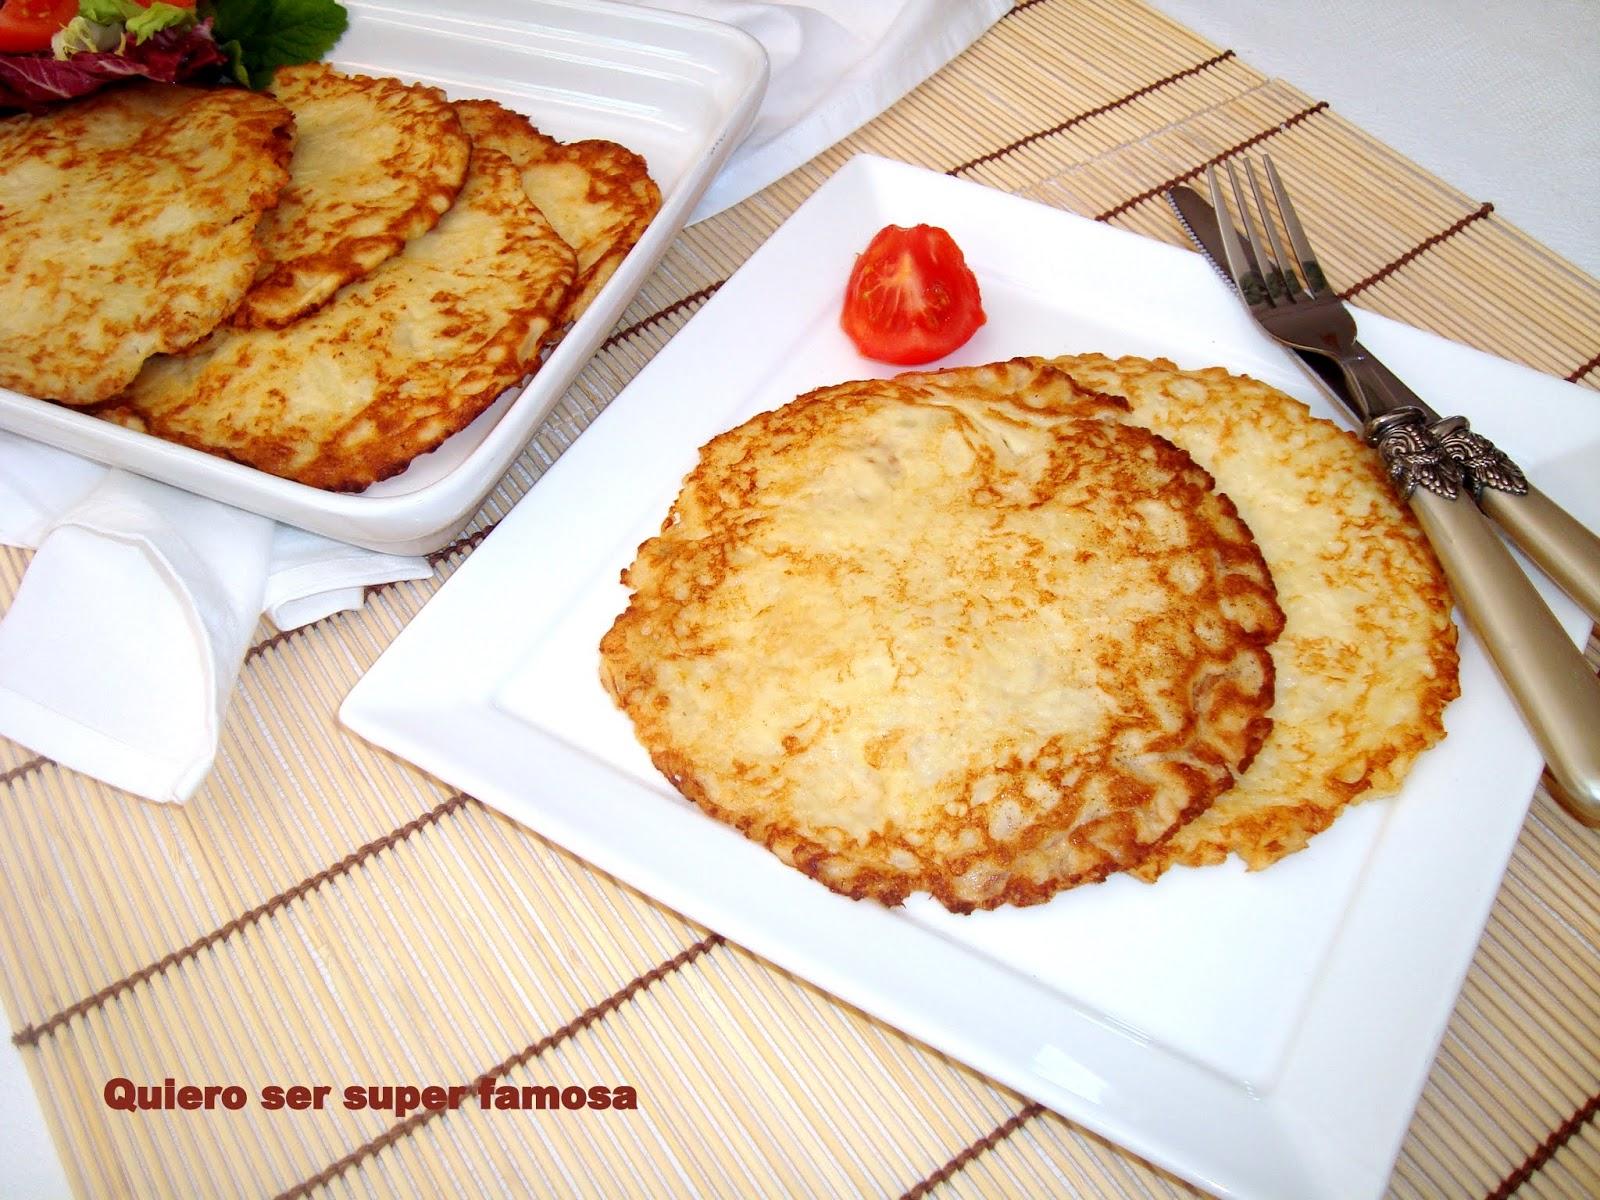 http://cosas-mias-y-demas.blogspot.com.es/2013/05/tortitas-de-patata-y-cebolla-puffer.html